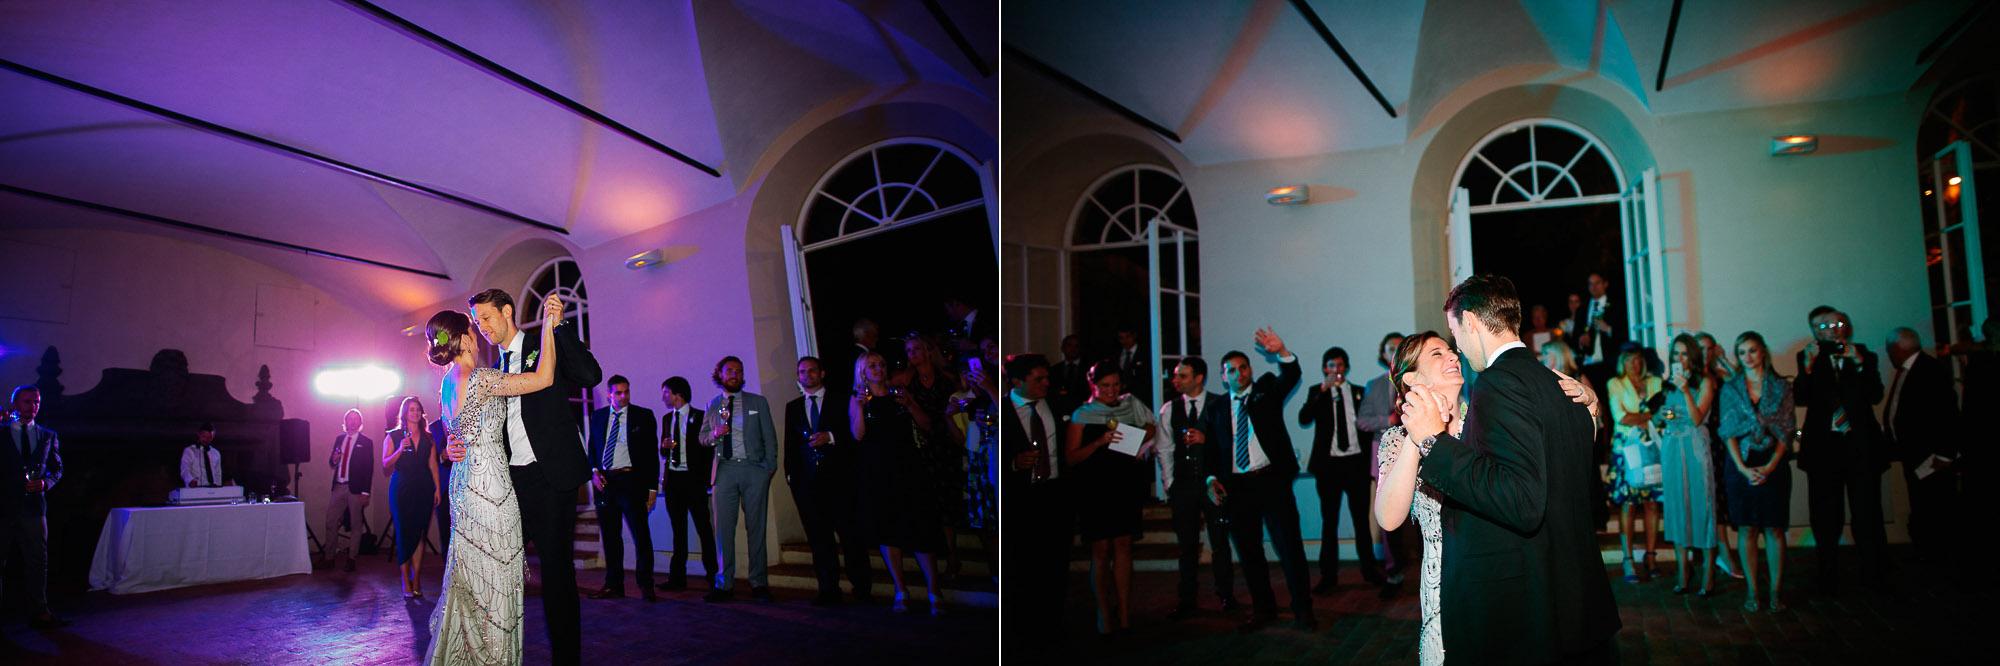 Firenze wedding photographer-86.jpg